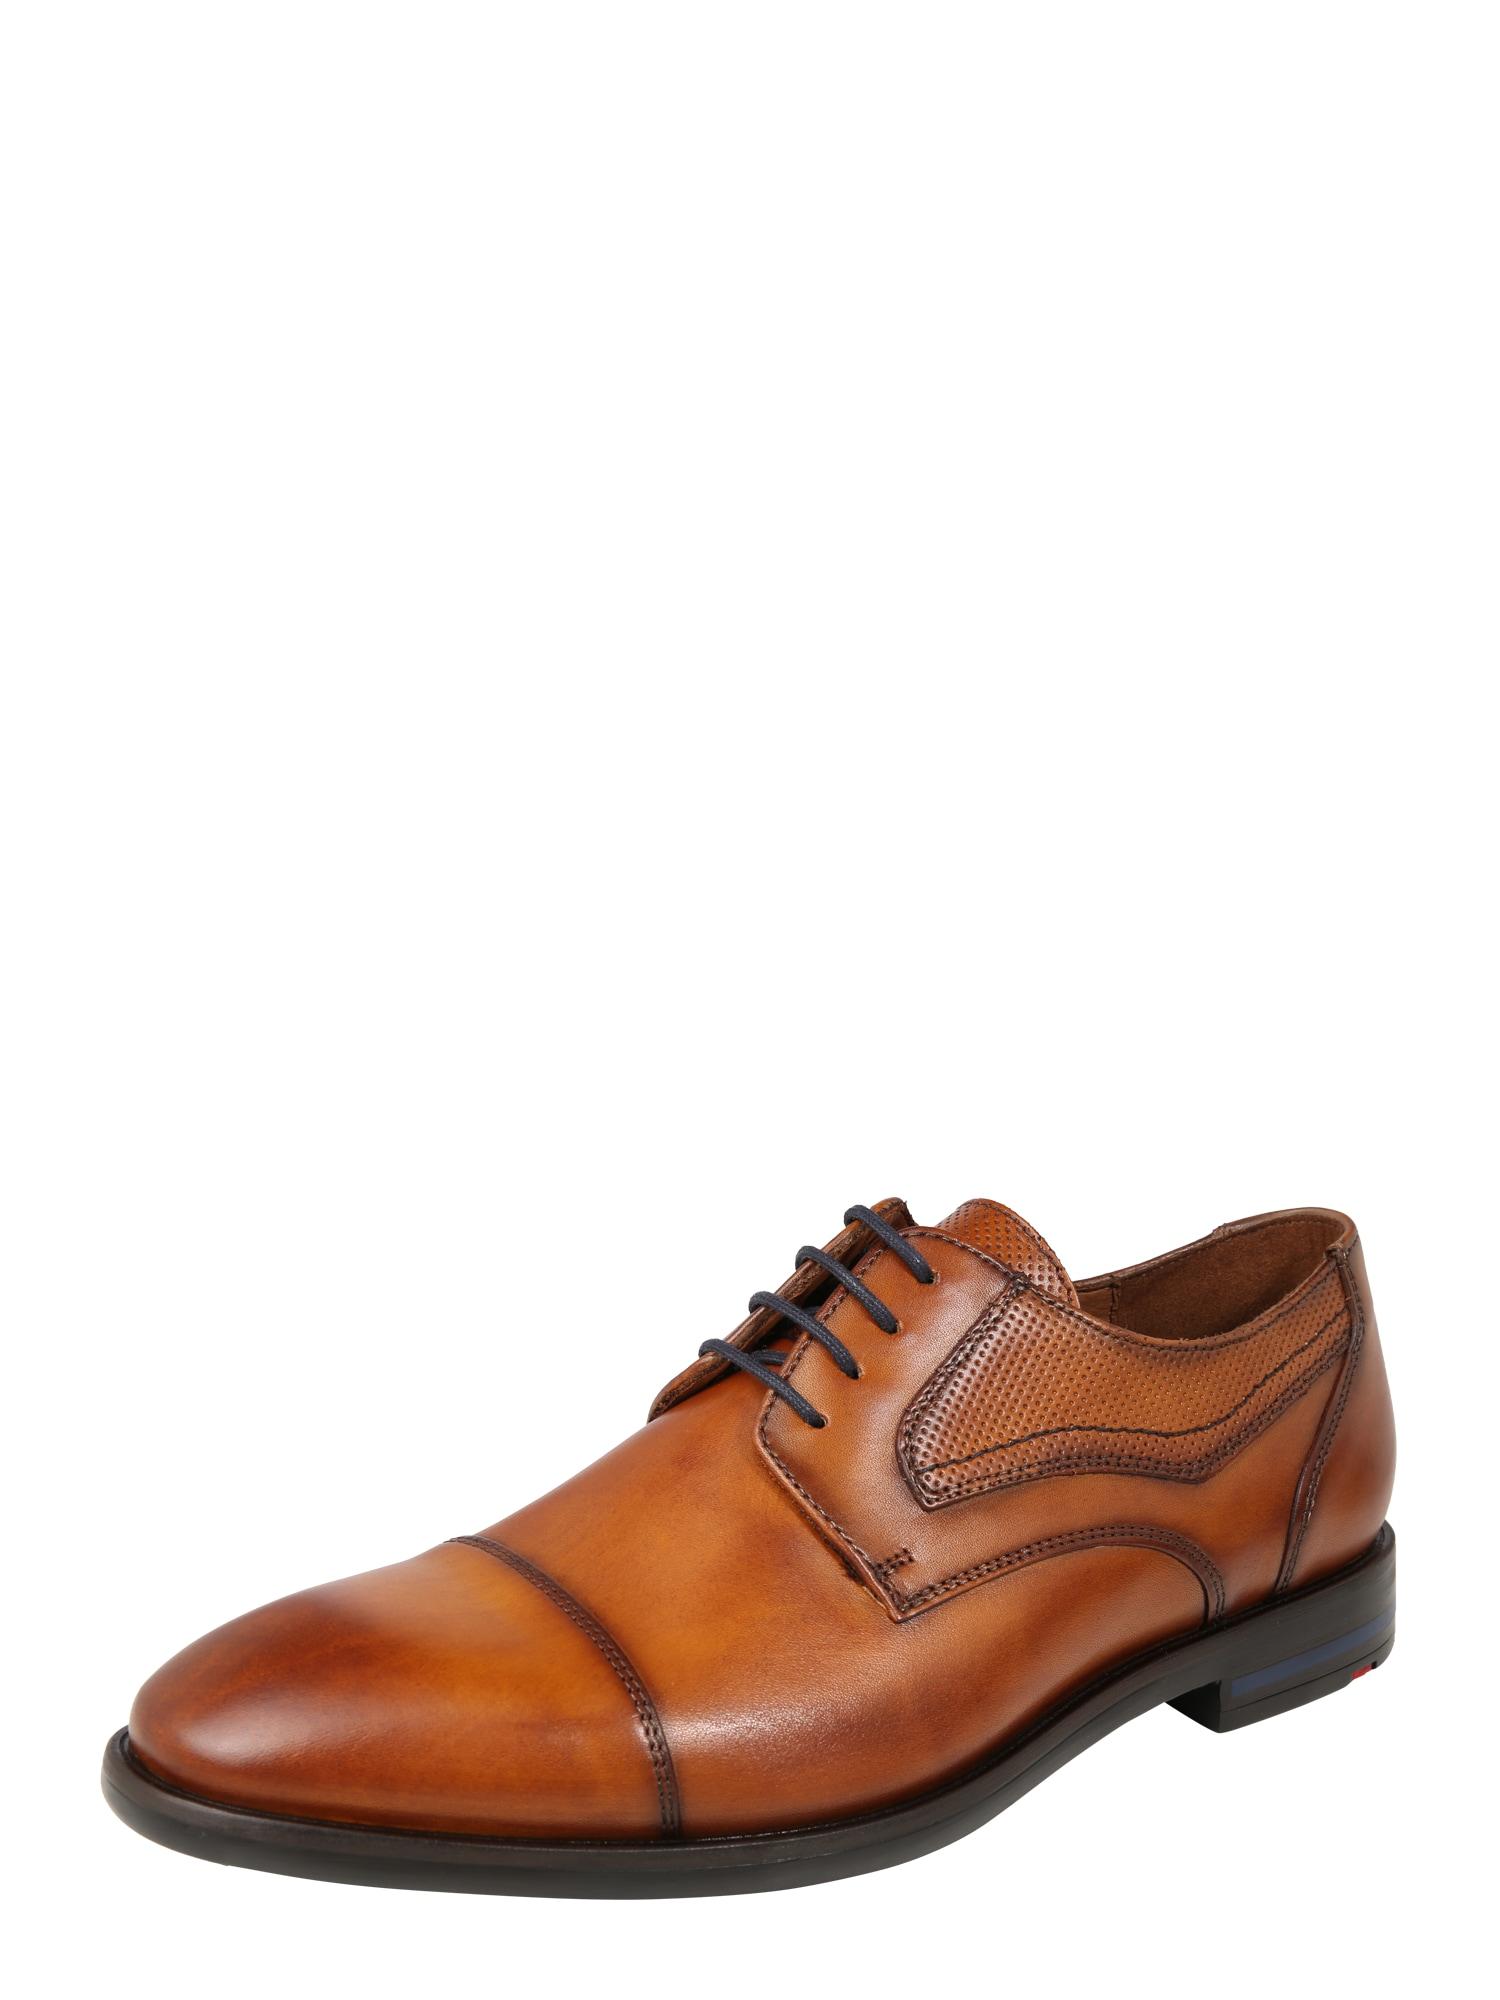 Šněrovací boty Darton koňaková LLOYD